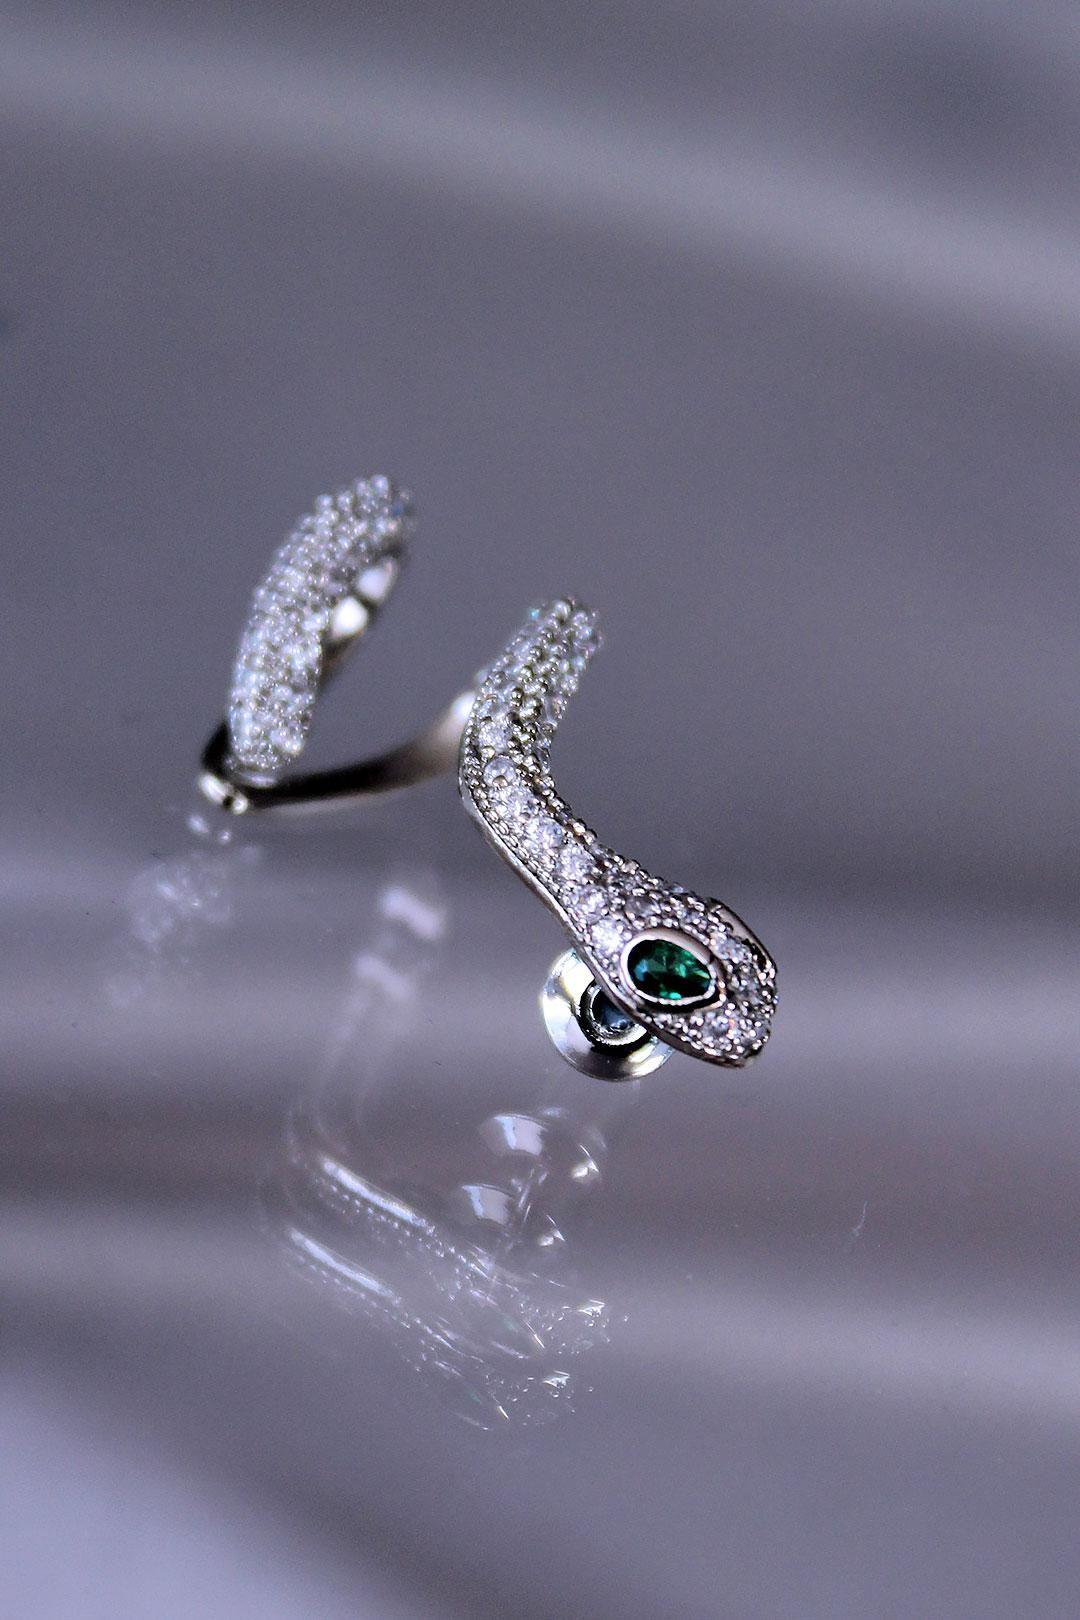 Yeşil Gözlü Zirkon Taş Kaplama Yılan Küpe